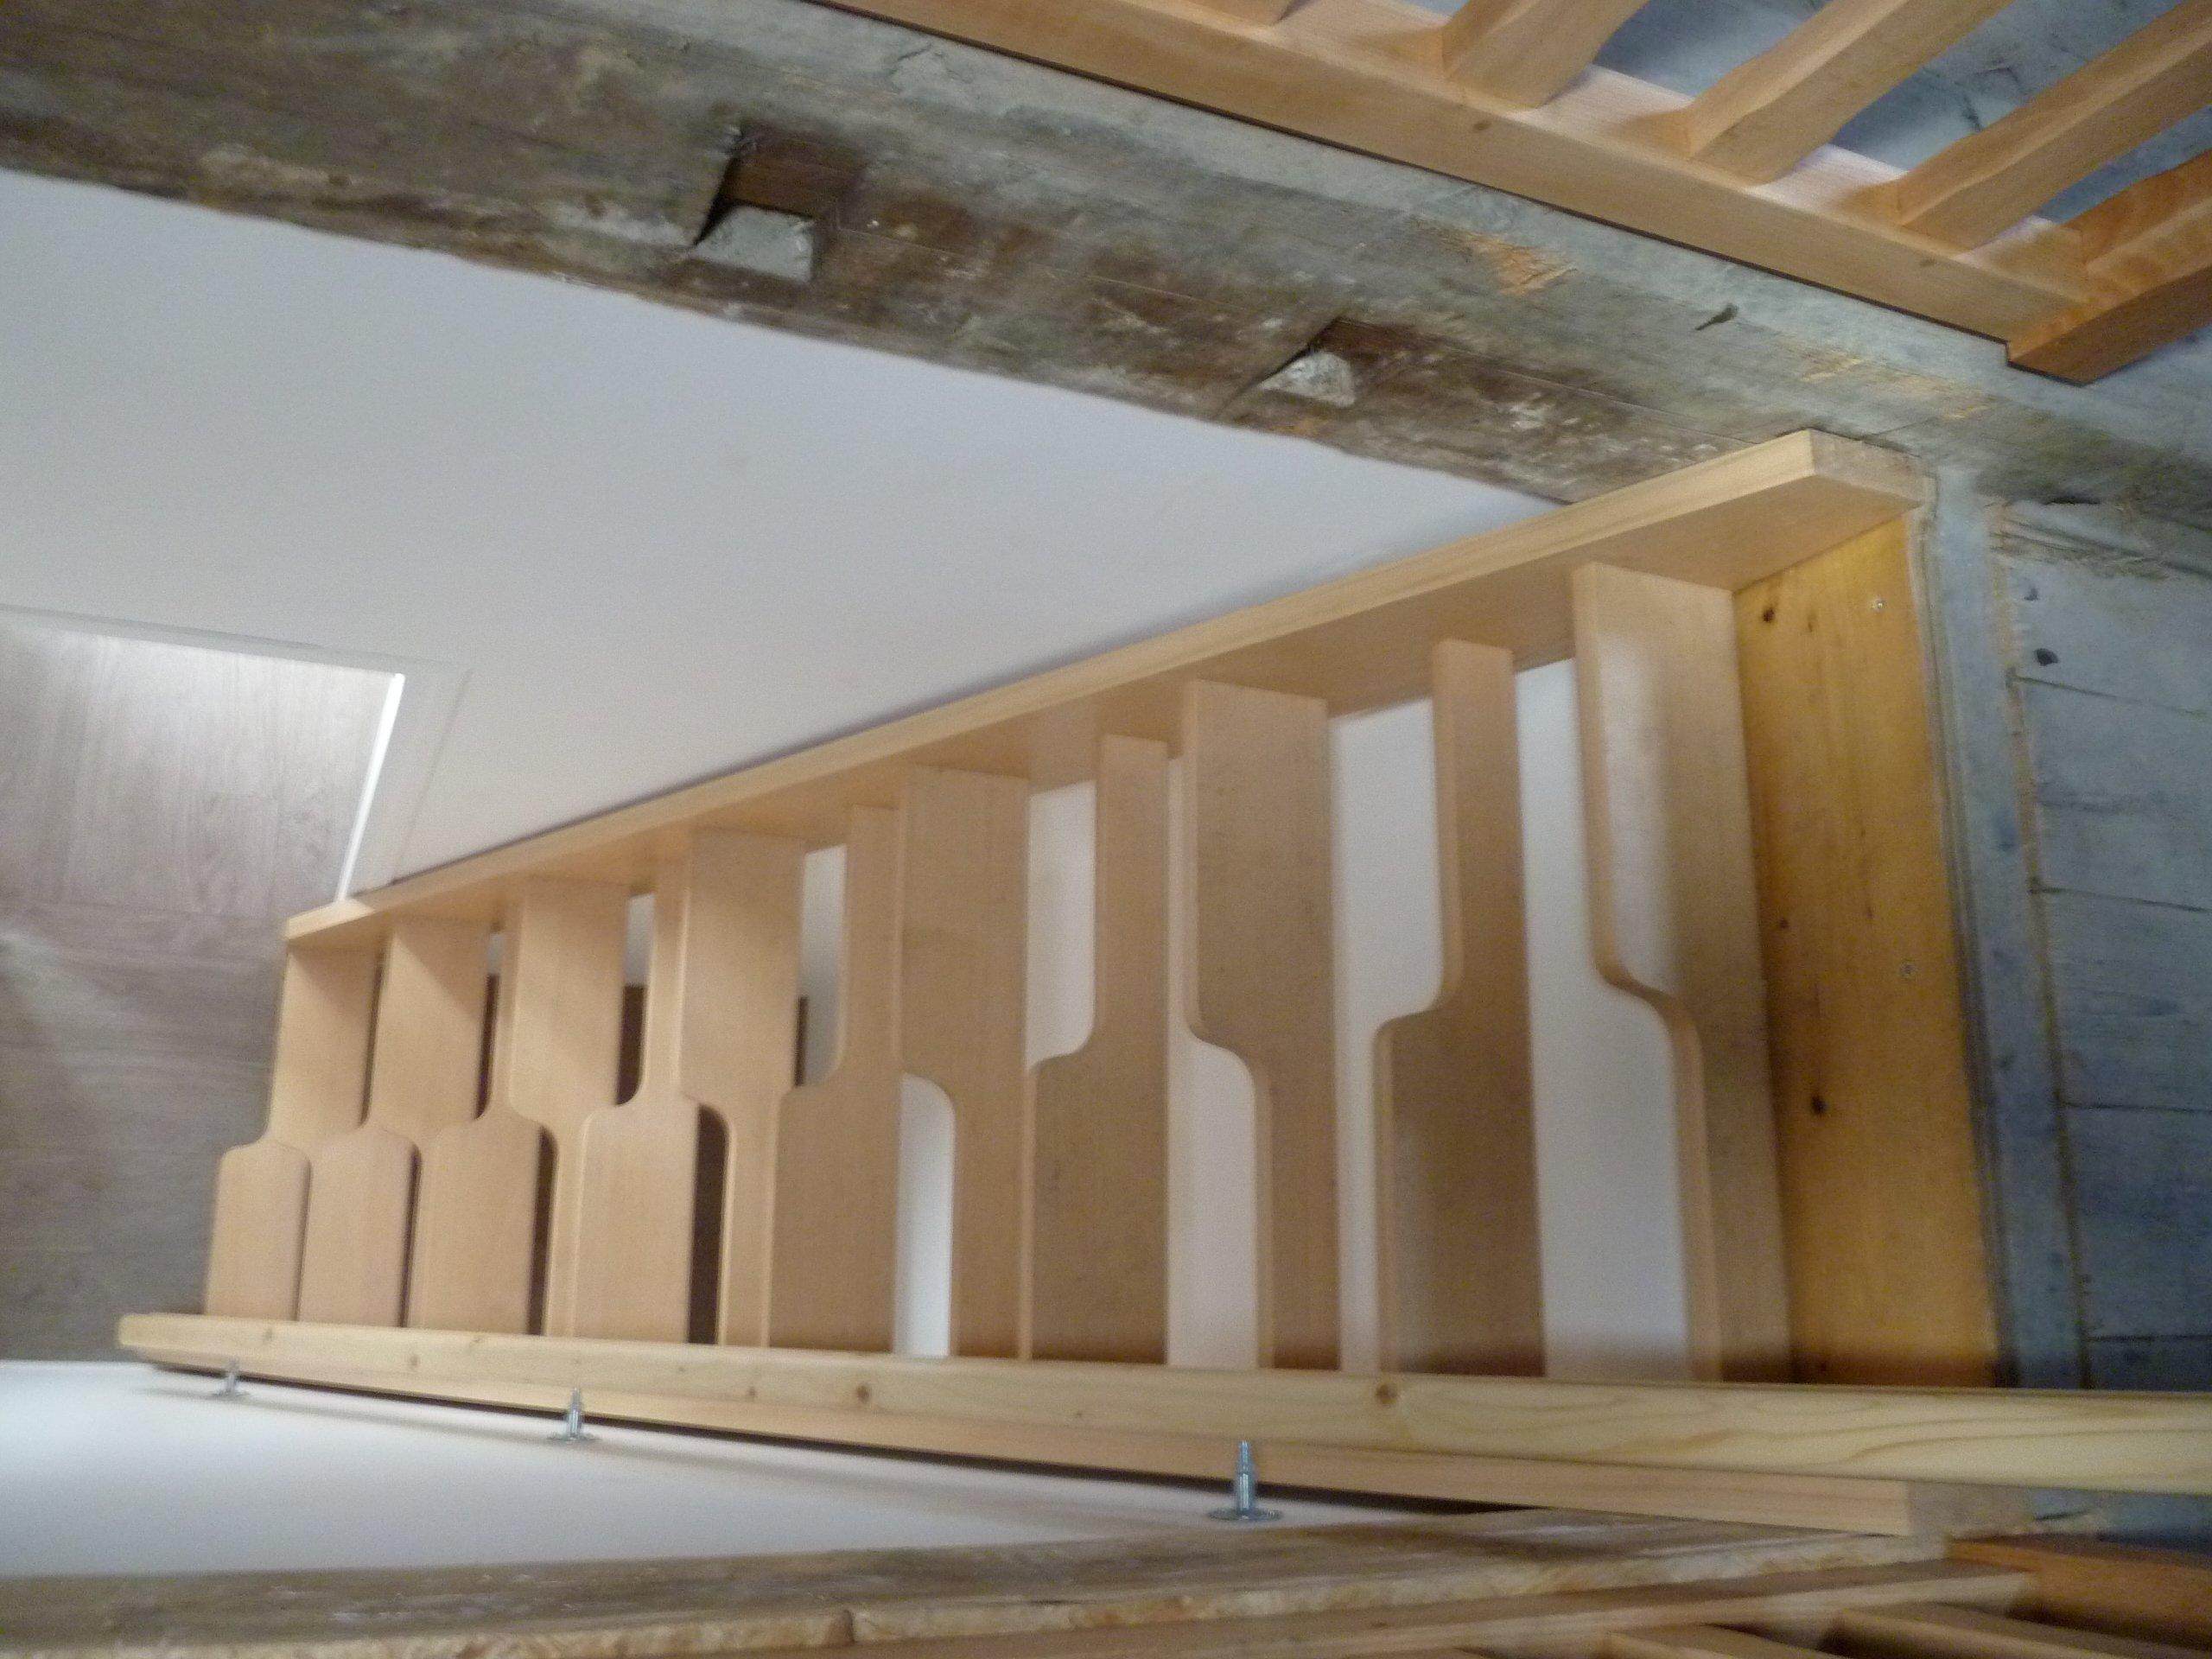 Escalier sarl beaun lamouret - Escalier a pas japonais ...